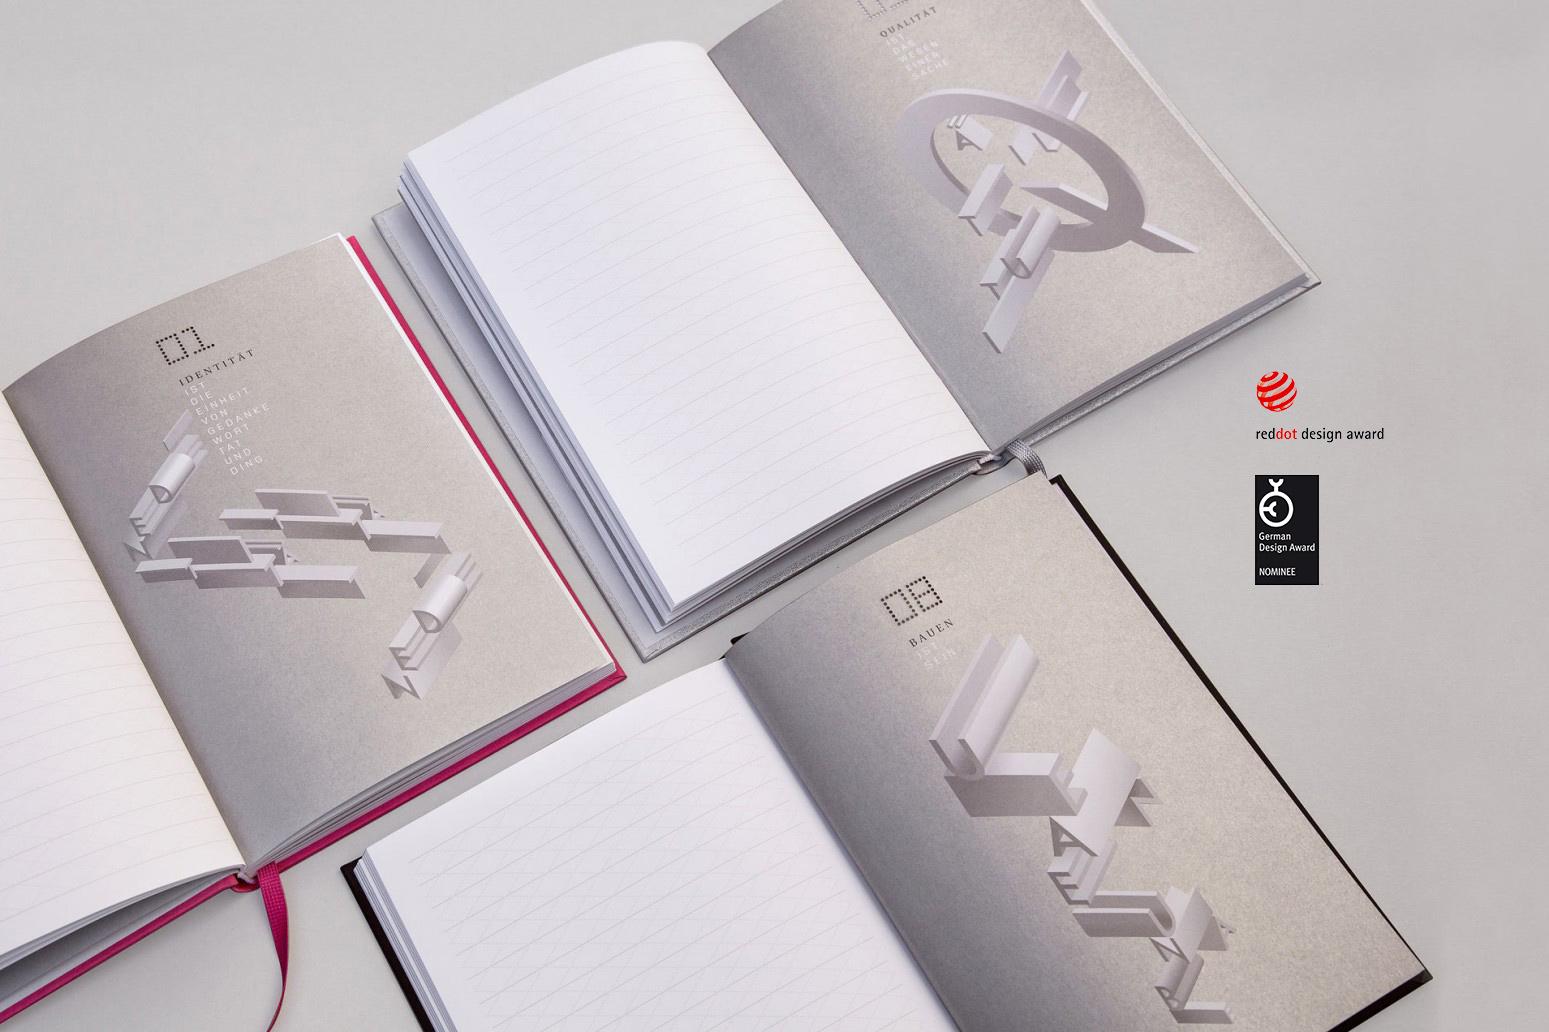 Brueckner-Architekten_Notizbuch_Slider-Neu1-1549x10321-1549x1032-1_Awards